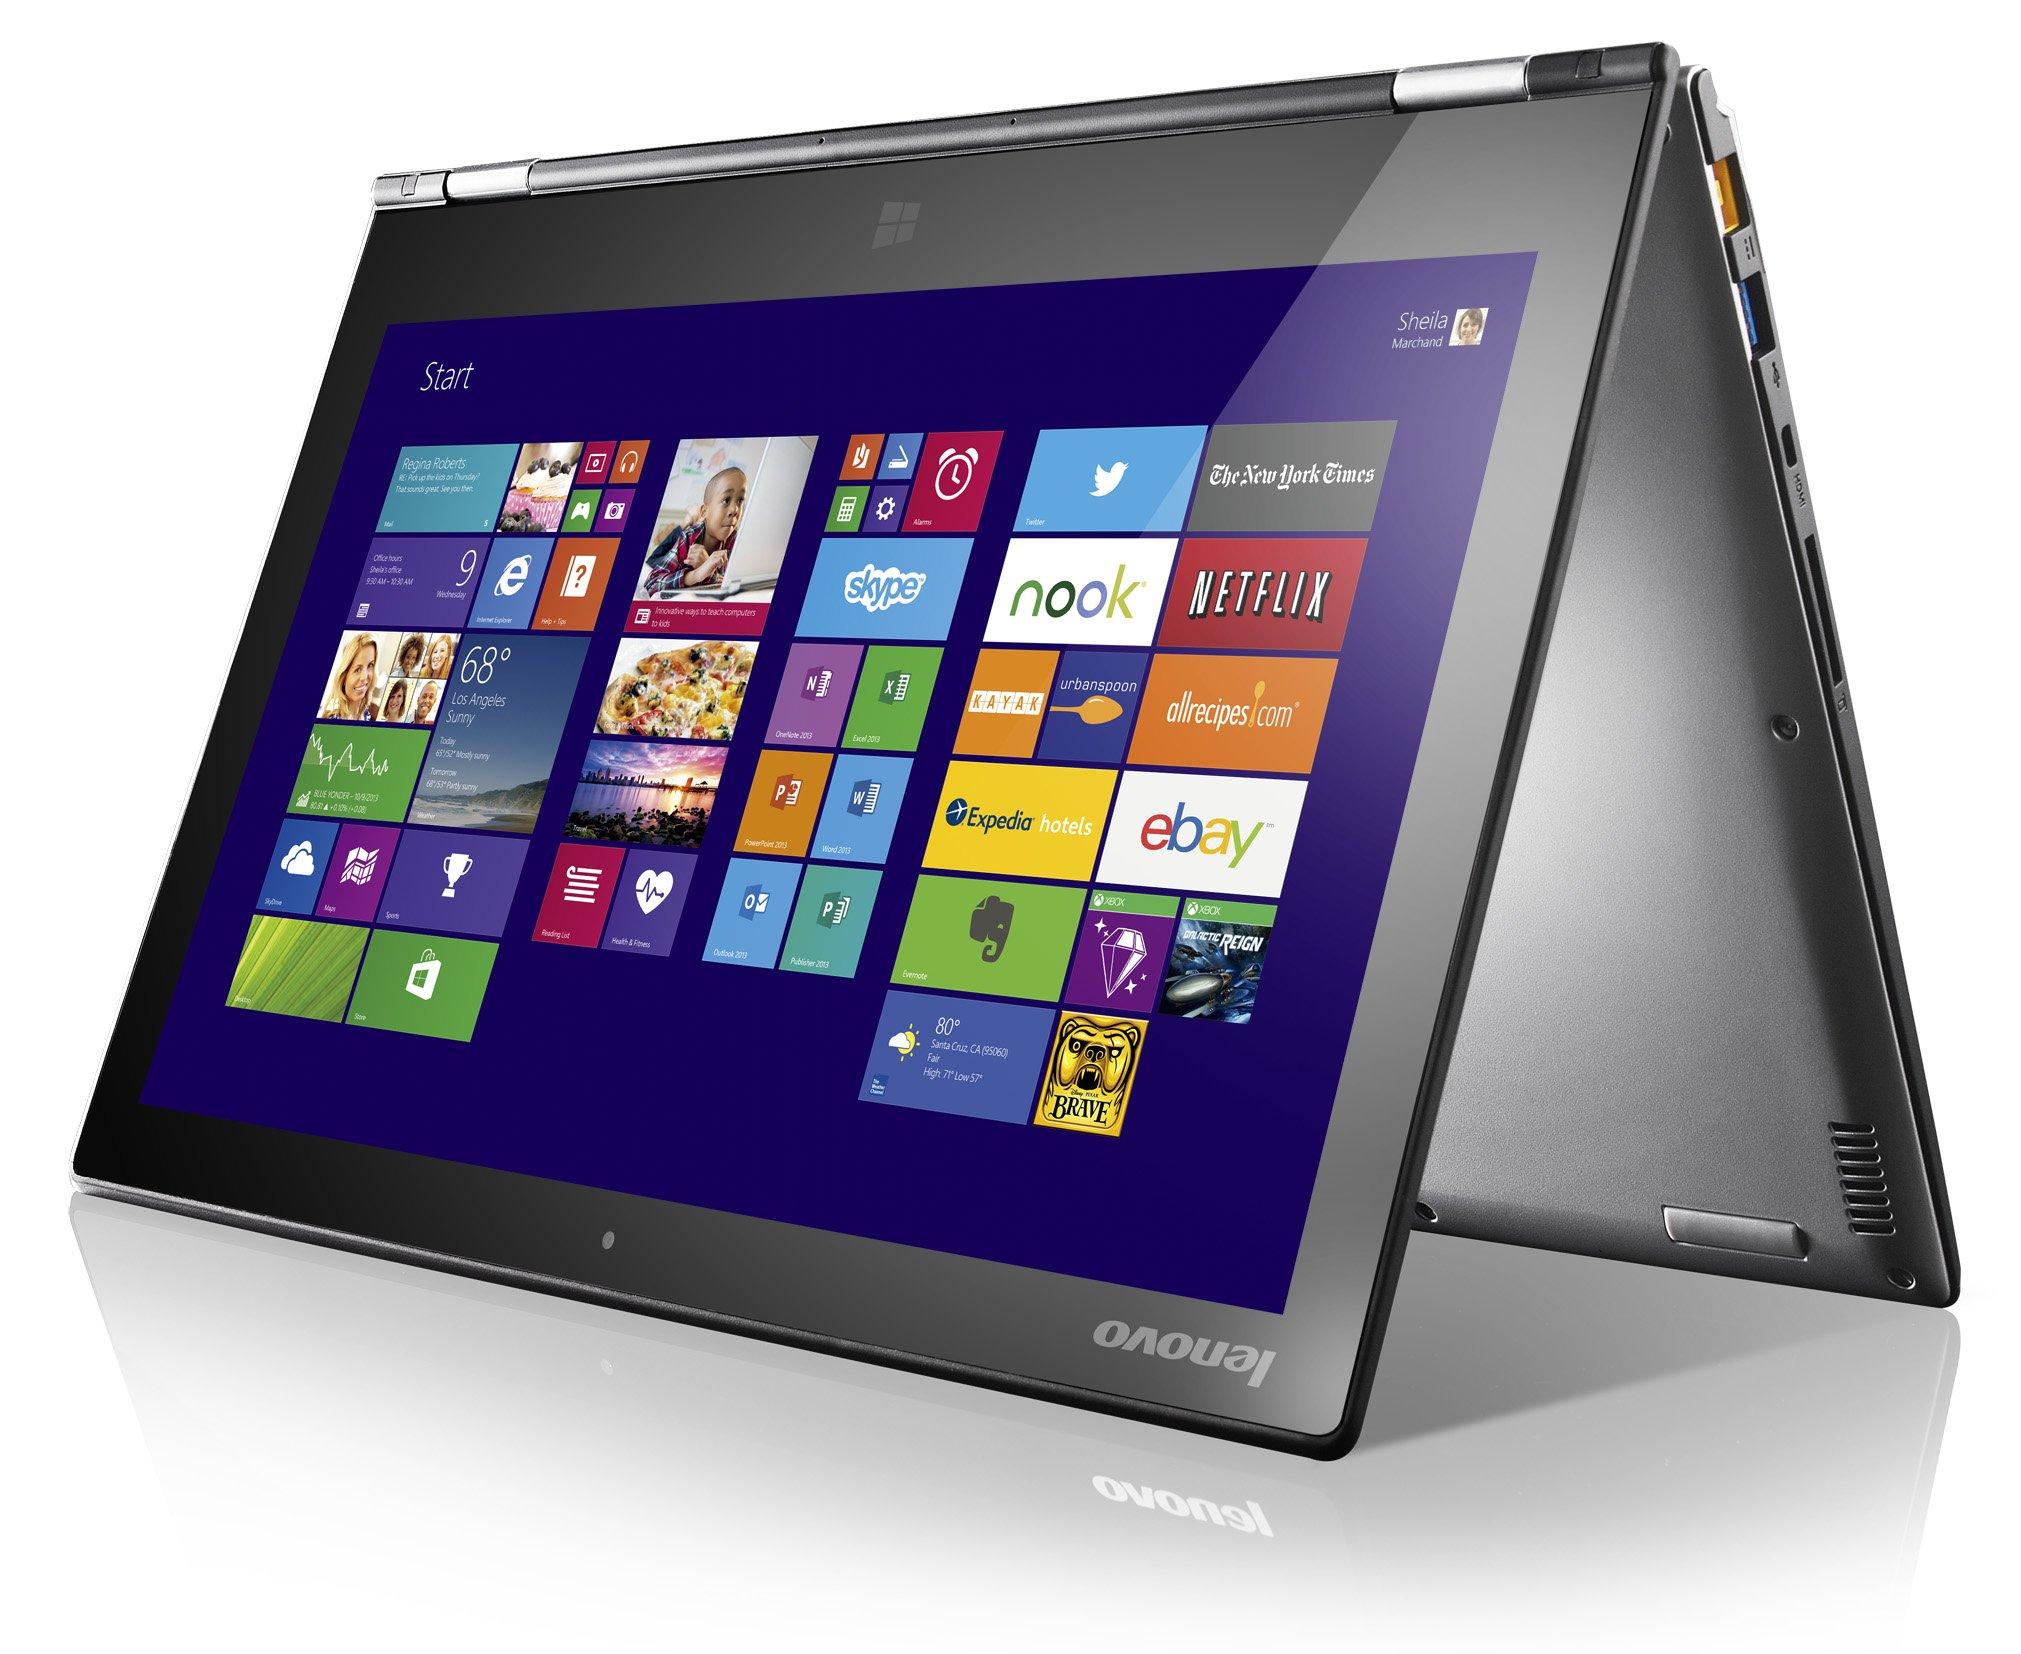 Das neue Yoga 2 von Lenovo hat eine versenkbare Tastatur. Der Nutzer kann wählen, ob er auf dem Touchscreen oder der Tastatur schreiben will.